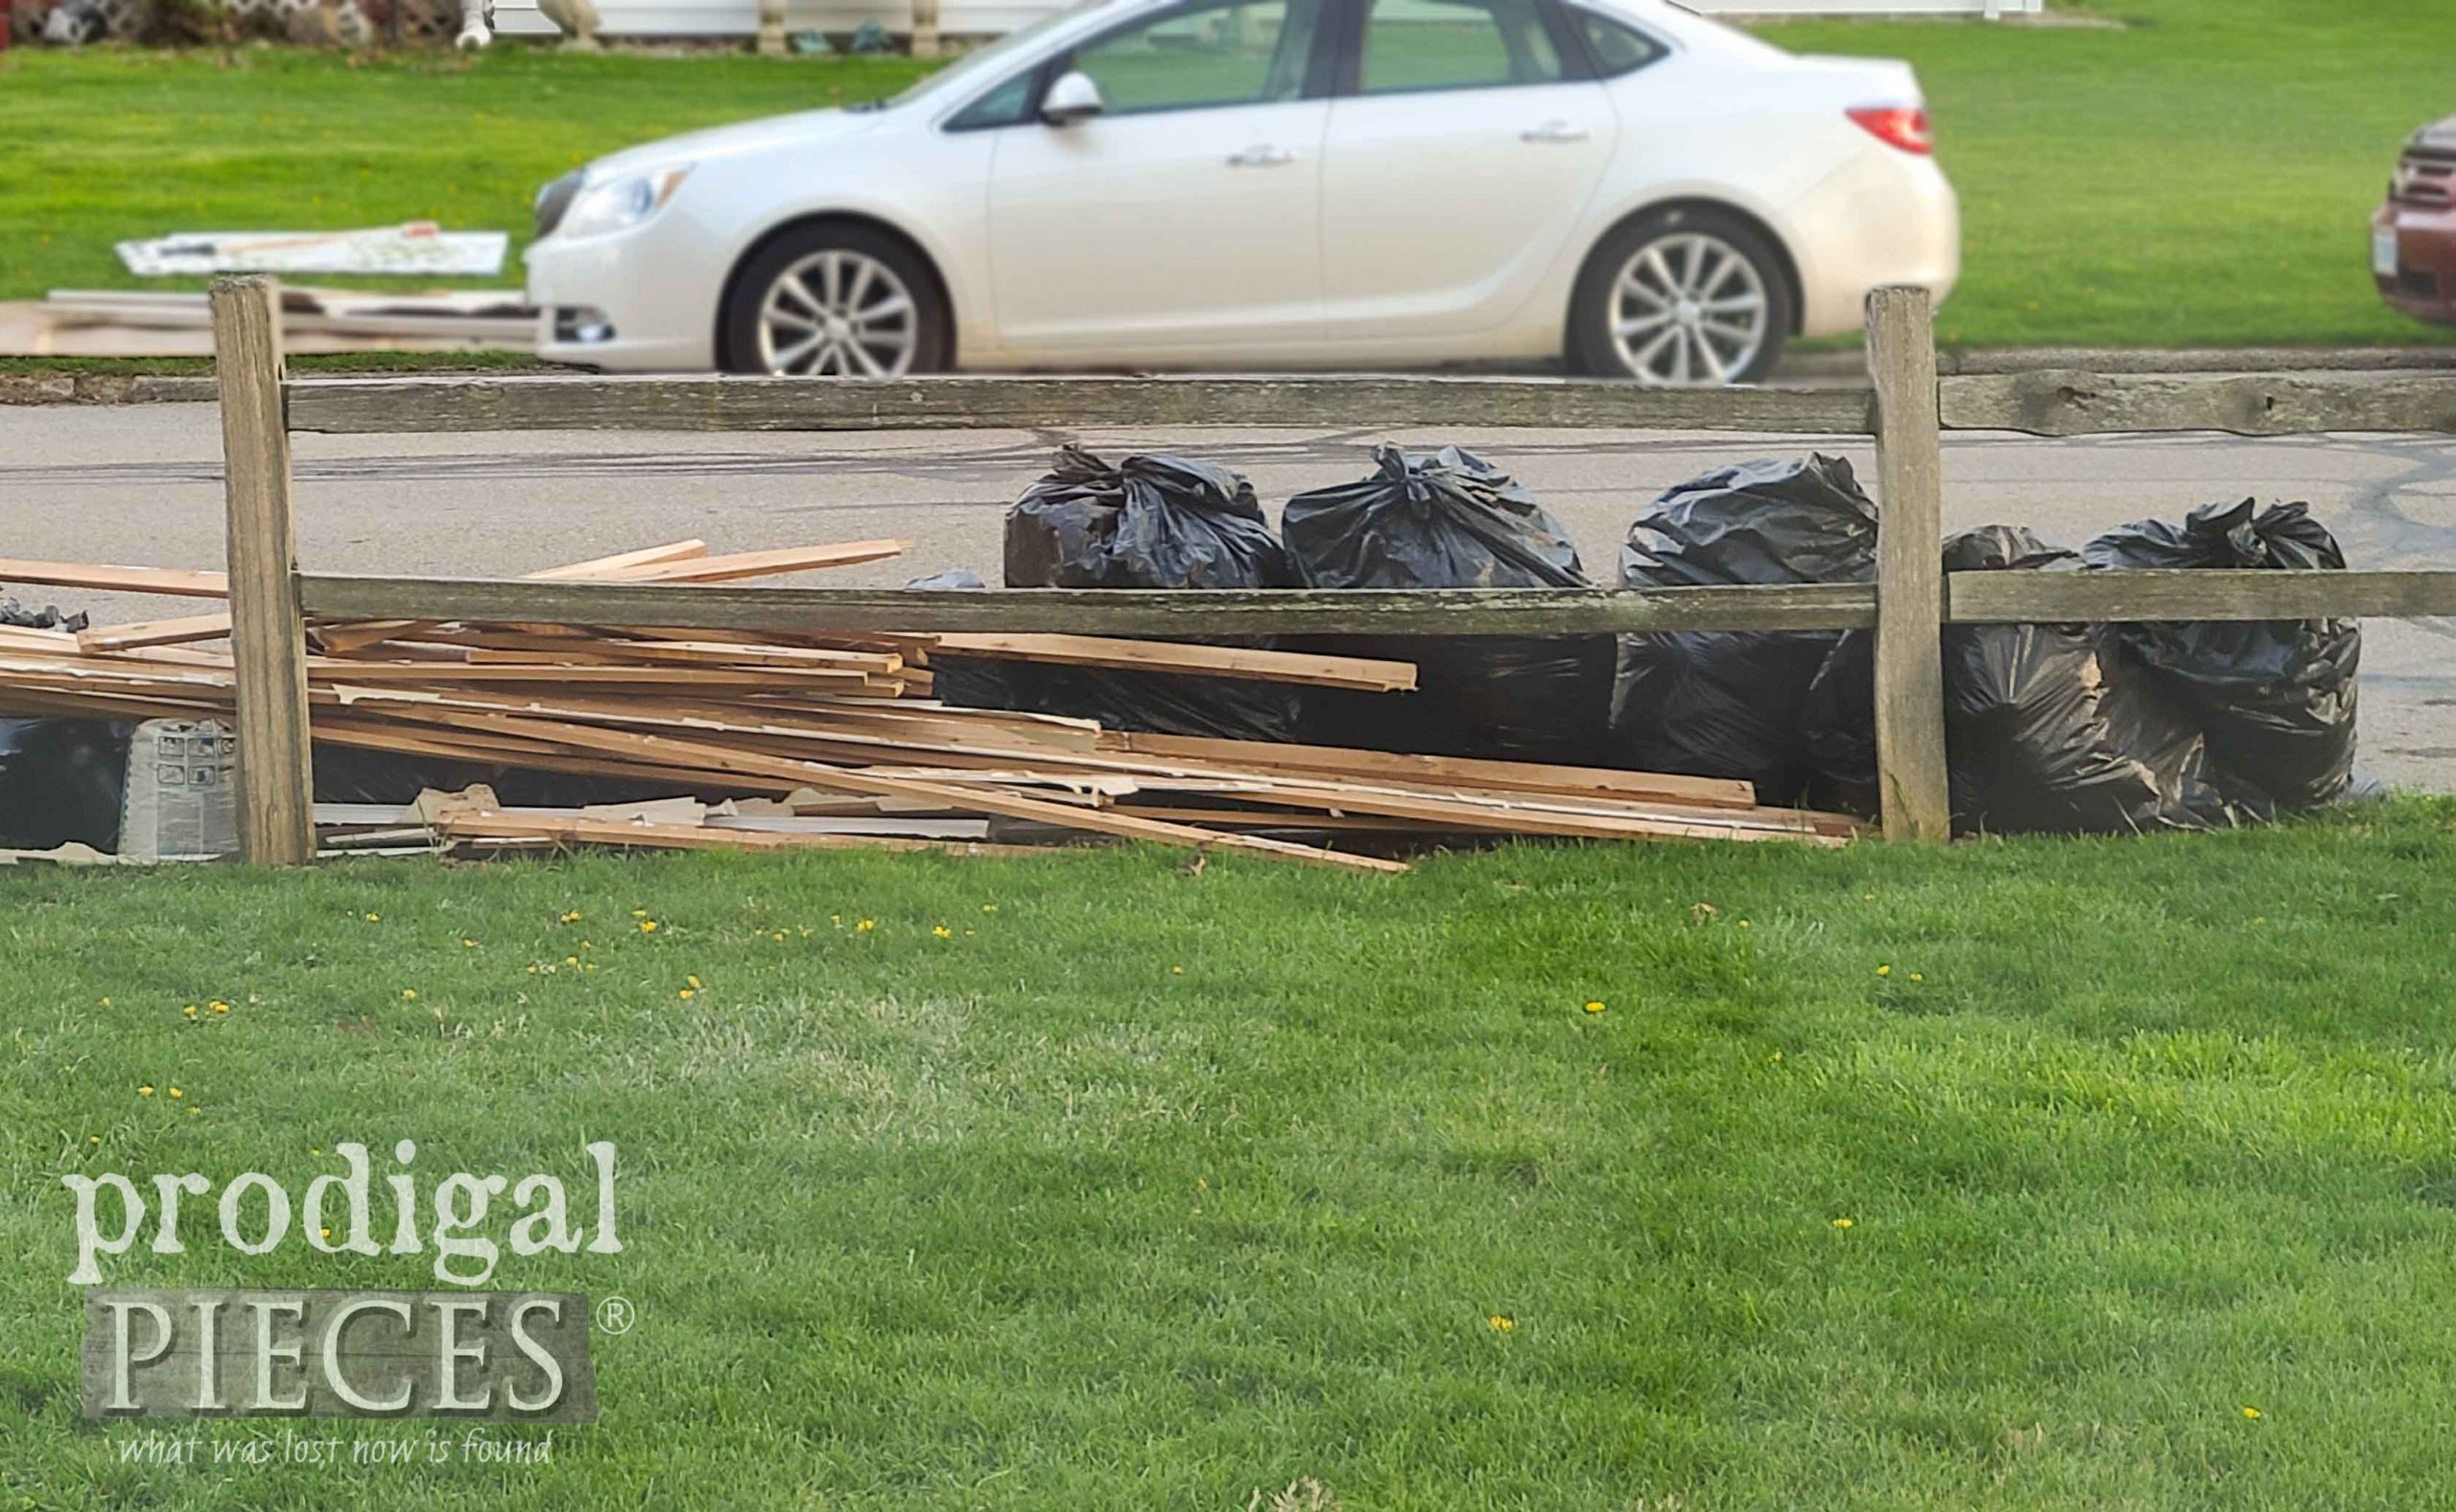 Curbside Trash | prodigalpieces.com